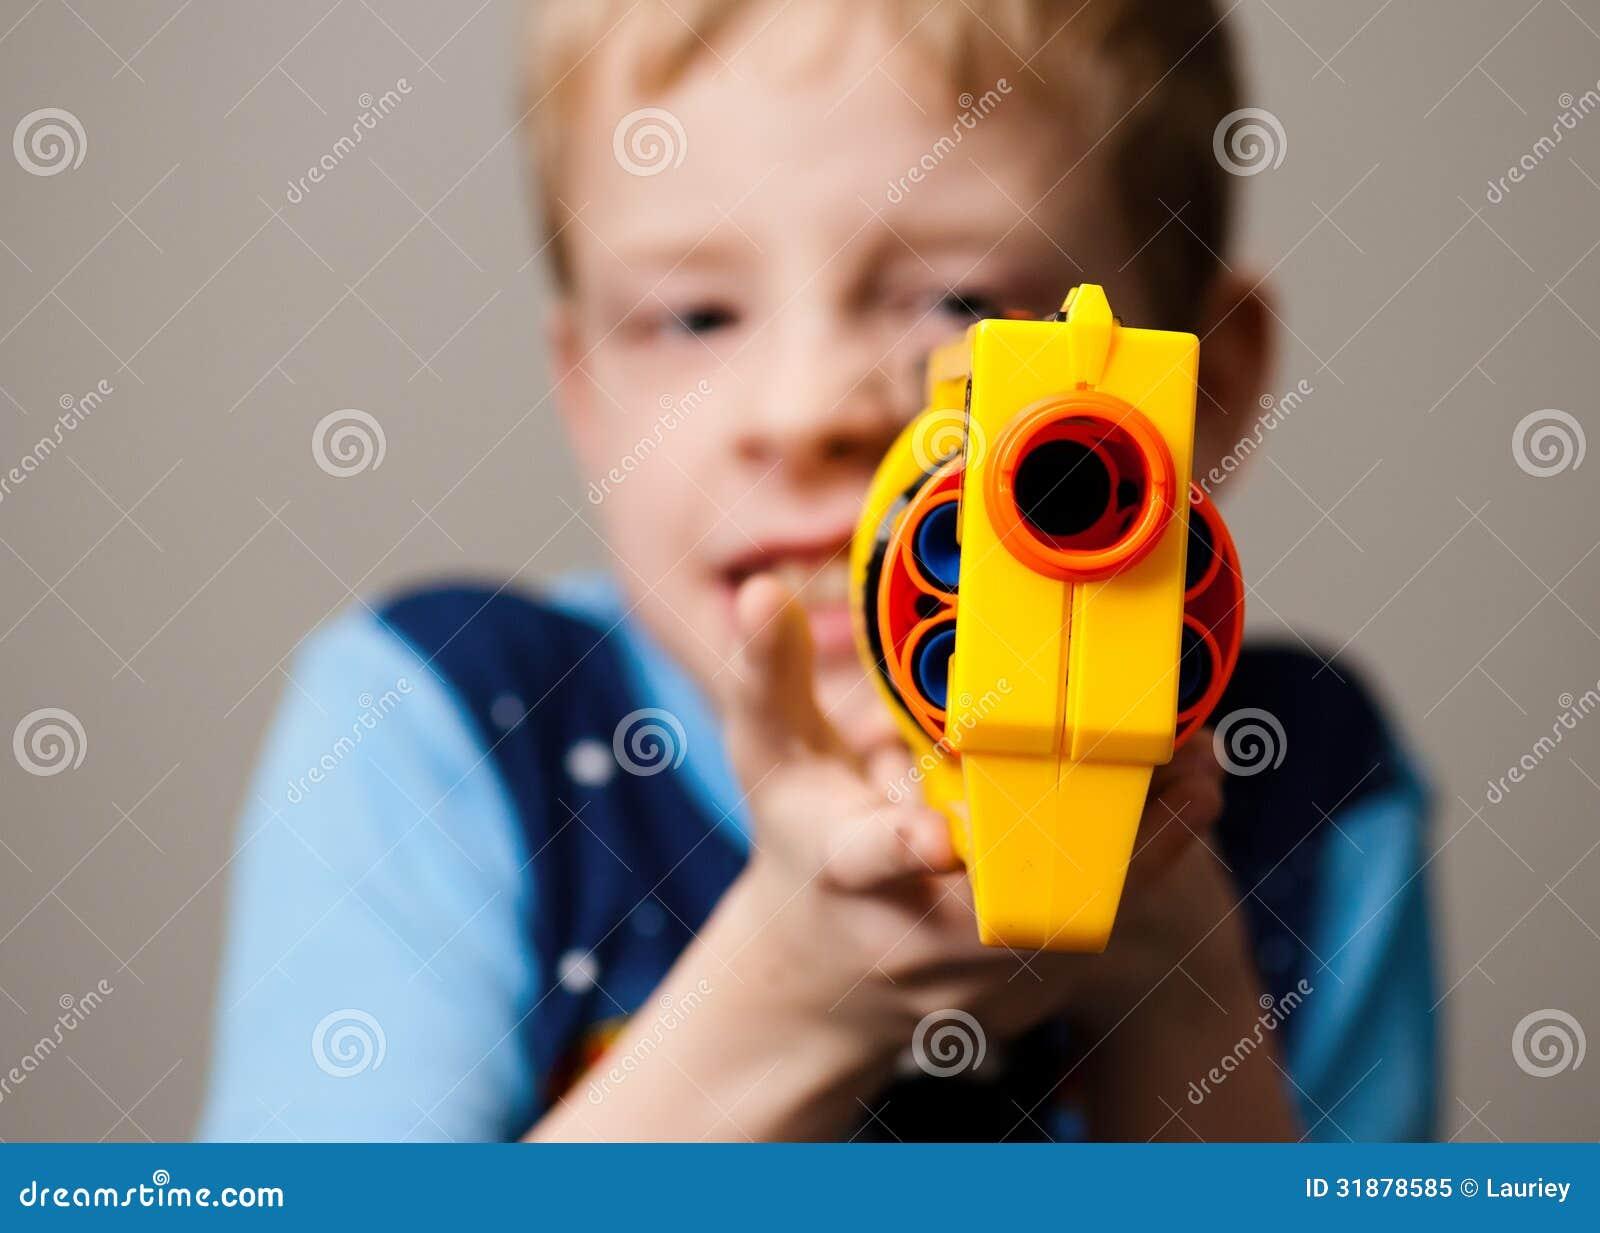 Nerf gun child